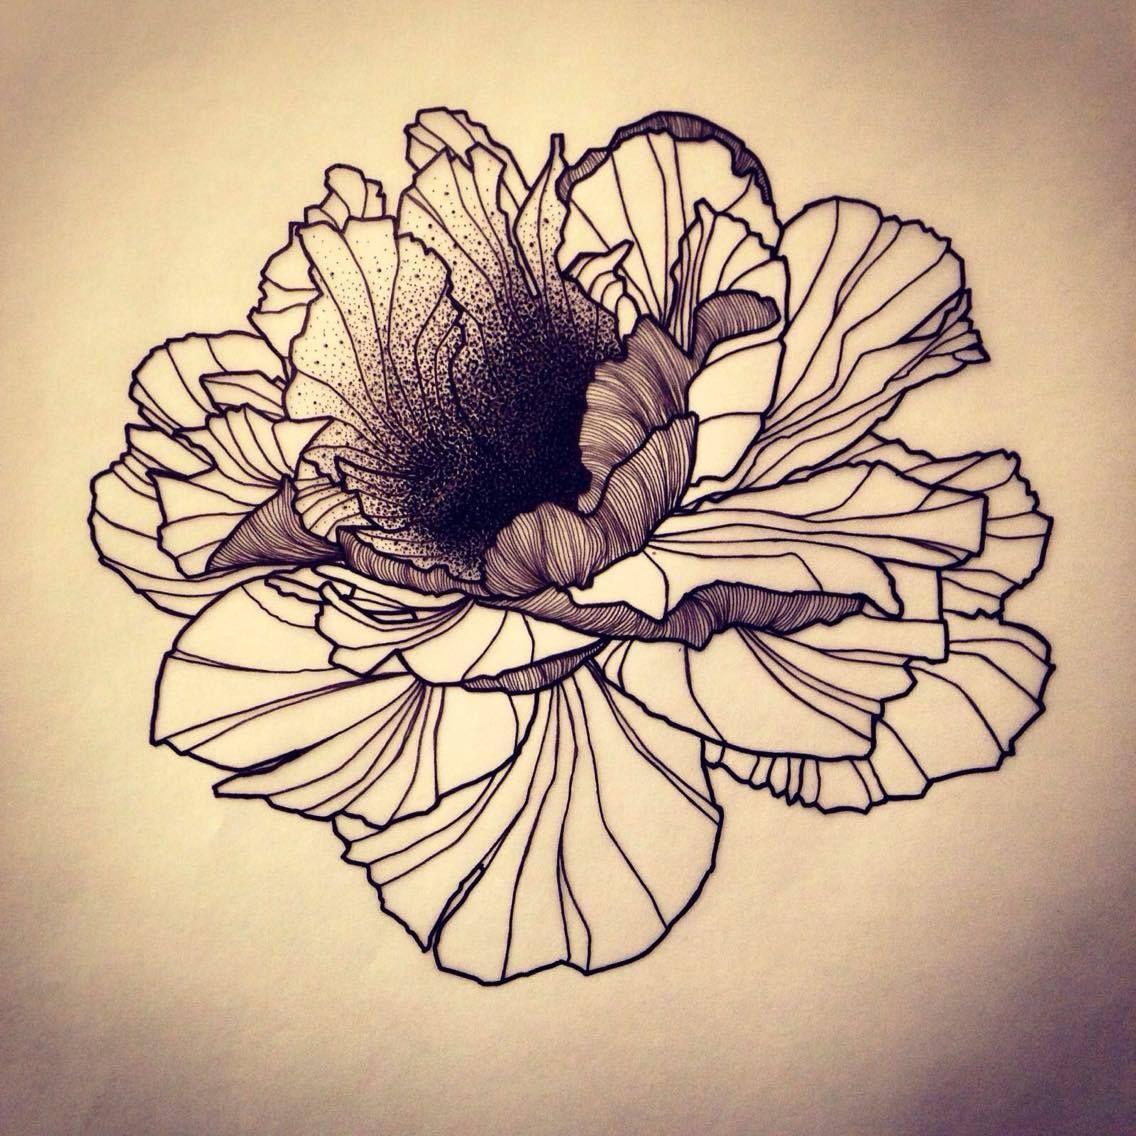 Fat Flower 2.0! Dispo pour être tatoué! Pour réserver >> futurballistik@ho... #blackflower #flowerstattoo #fleur #tatouegedefleur #tatoueur #tattooer #tattooer #tattooartist #tattooart #tattoodesign #artistetatoueur #inkedbyguet #design #dotwork #dotworker #dotworktattoo #designtattoo #guet #graphism #workshopbynoid #graphictattoo #blackwork #blacktattoo #blackworker #blacktattooart